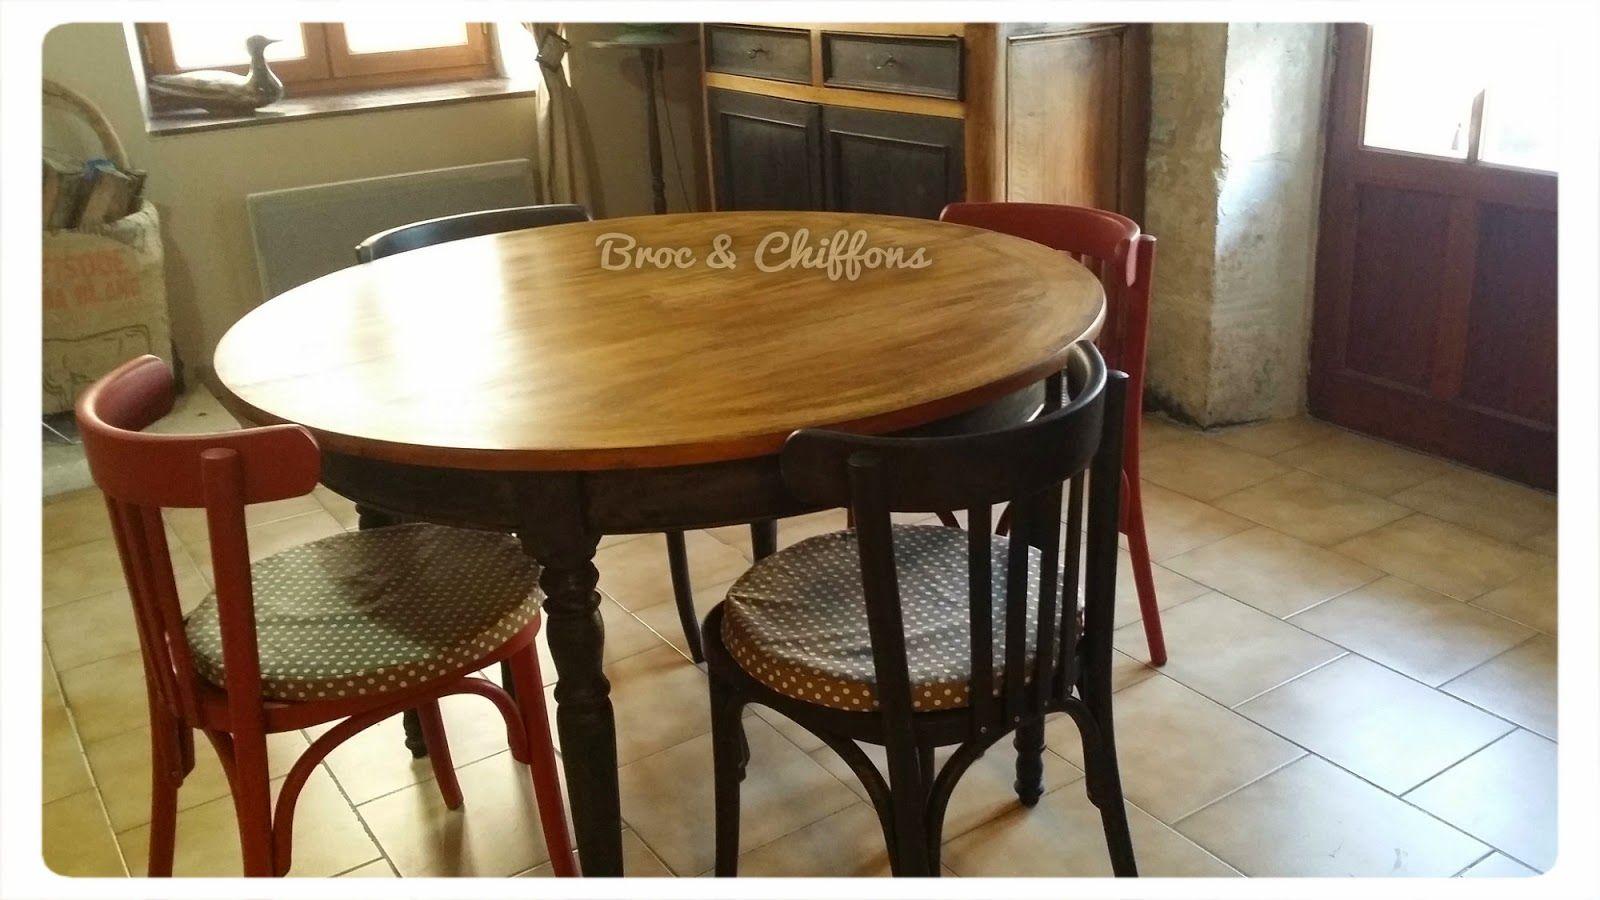 Deco Avec Meuble Merisier table en merisier relookée (avec images) | relooking meuble